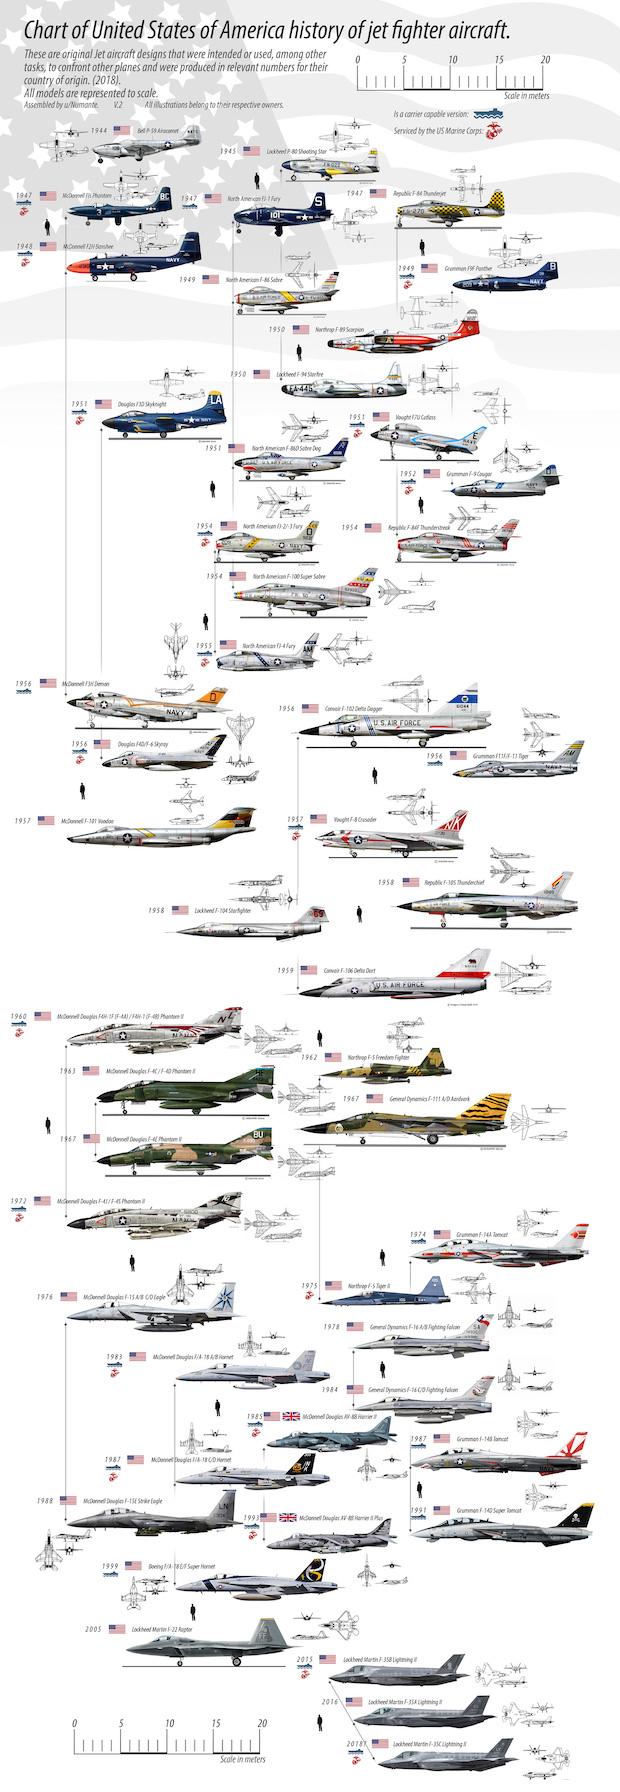 Historia i rozwój myśliwców w USA – Autor: numante/Reddit